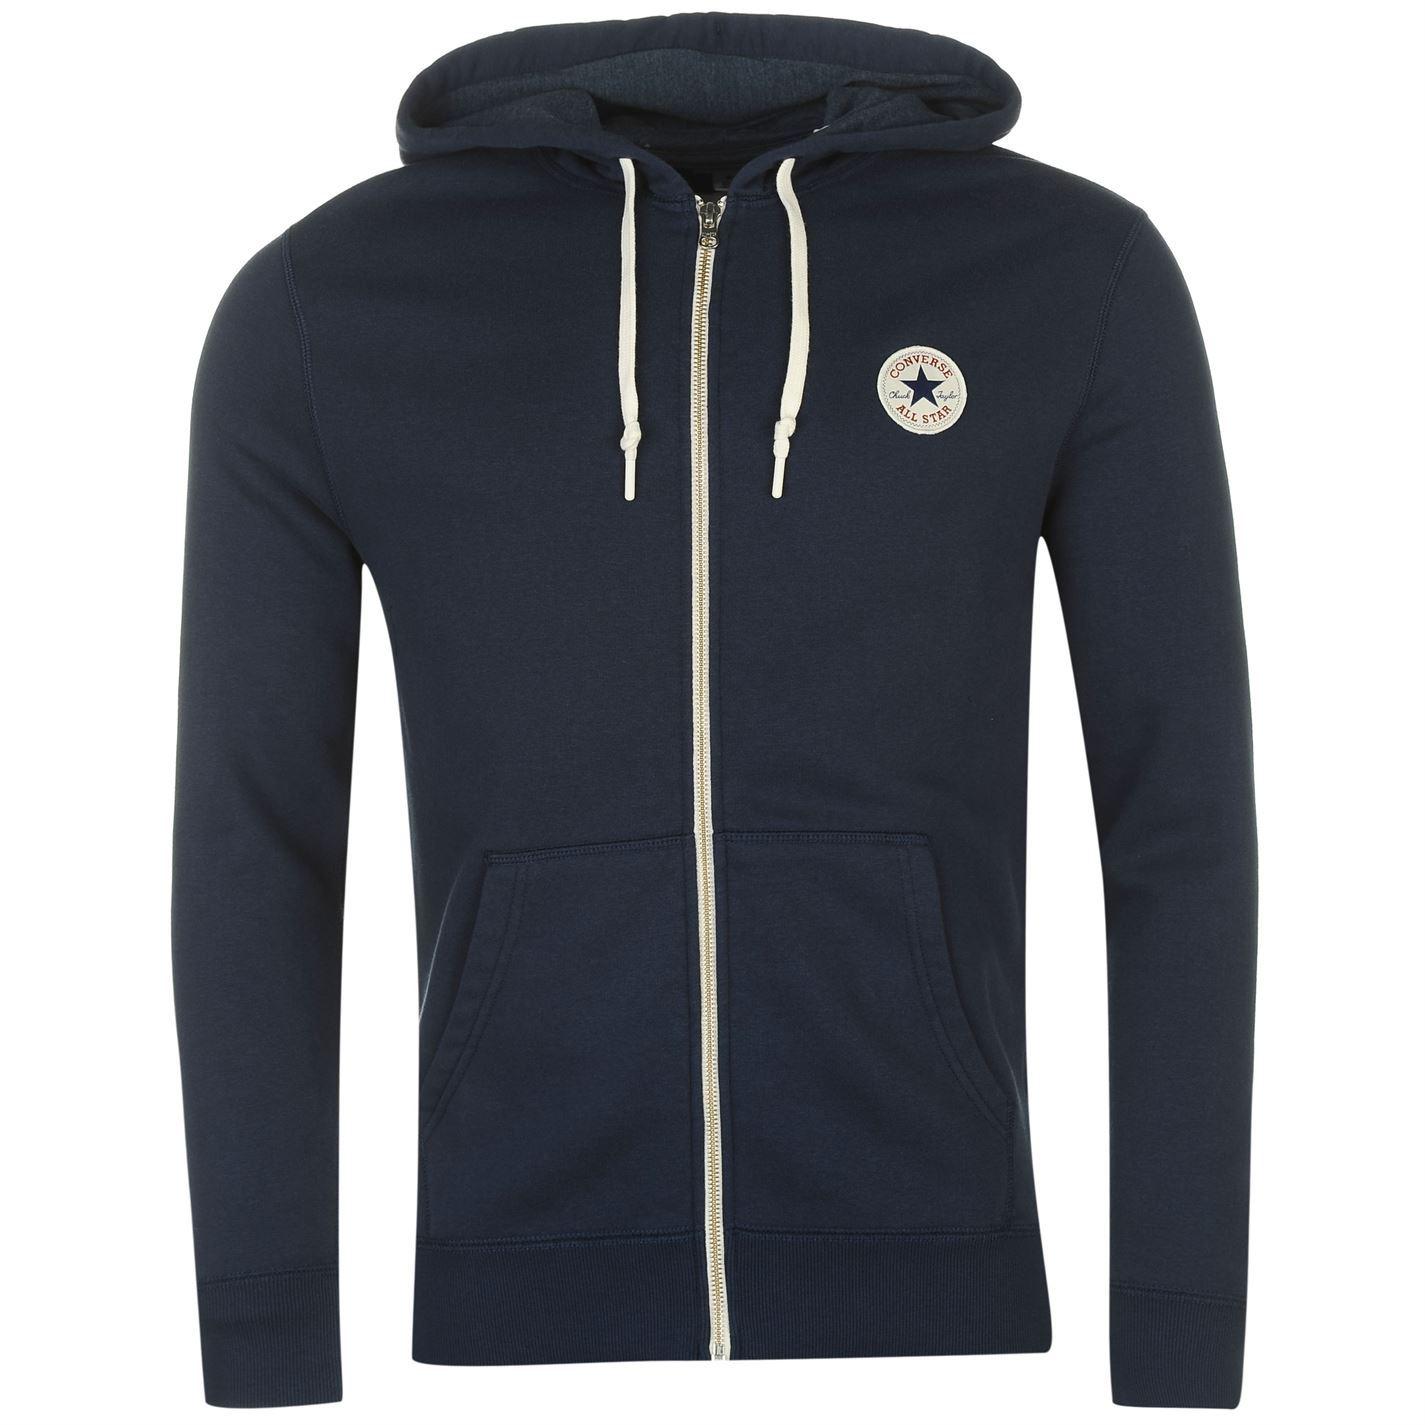 thumbnail 10 - Converse Core Full Zip Hoody Jacket Mens Hoodie Sweatshirt Sweater Hooded Top